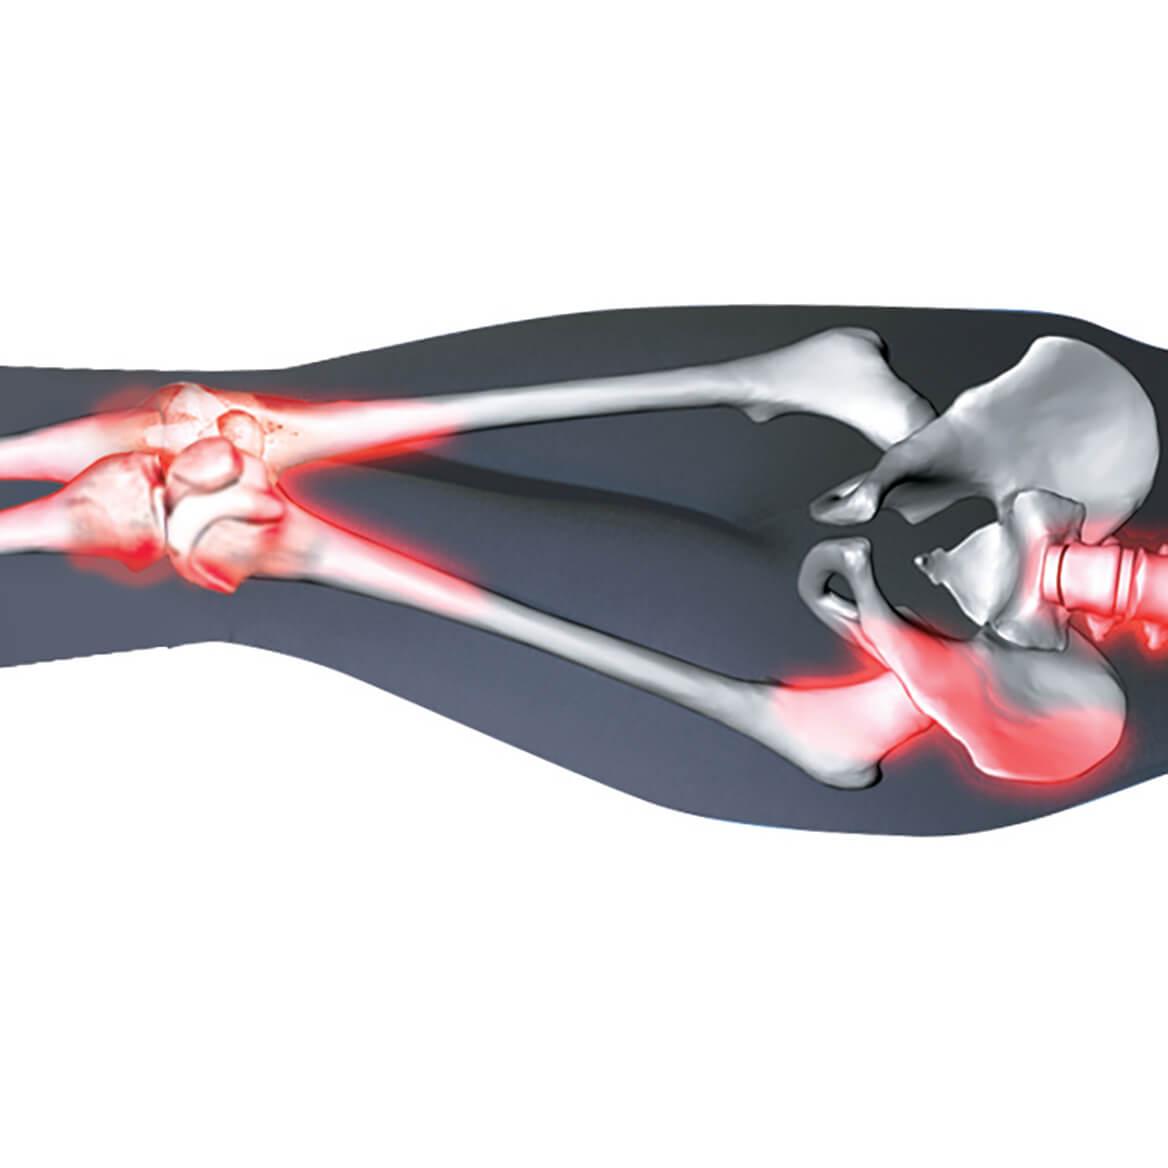 Cooling Spine Align Leg Pillow-369844